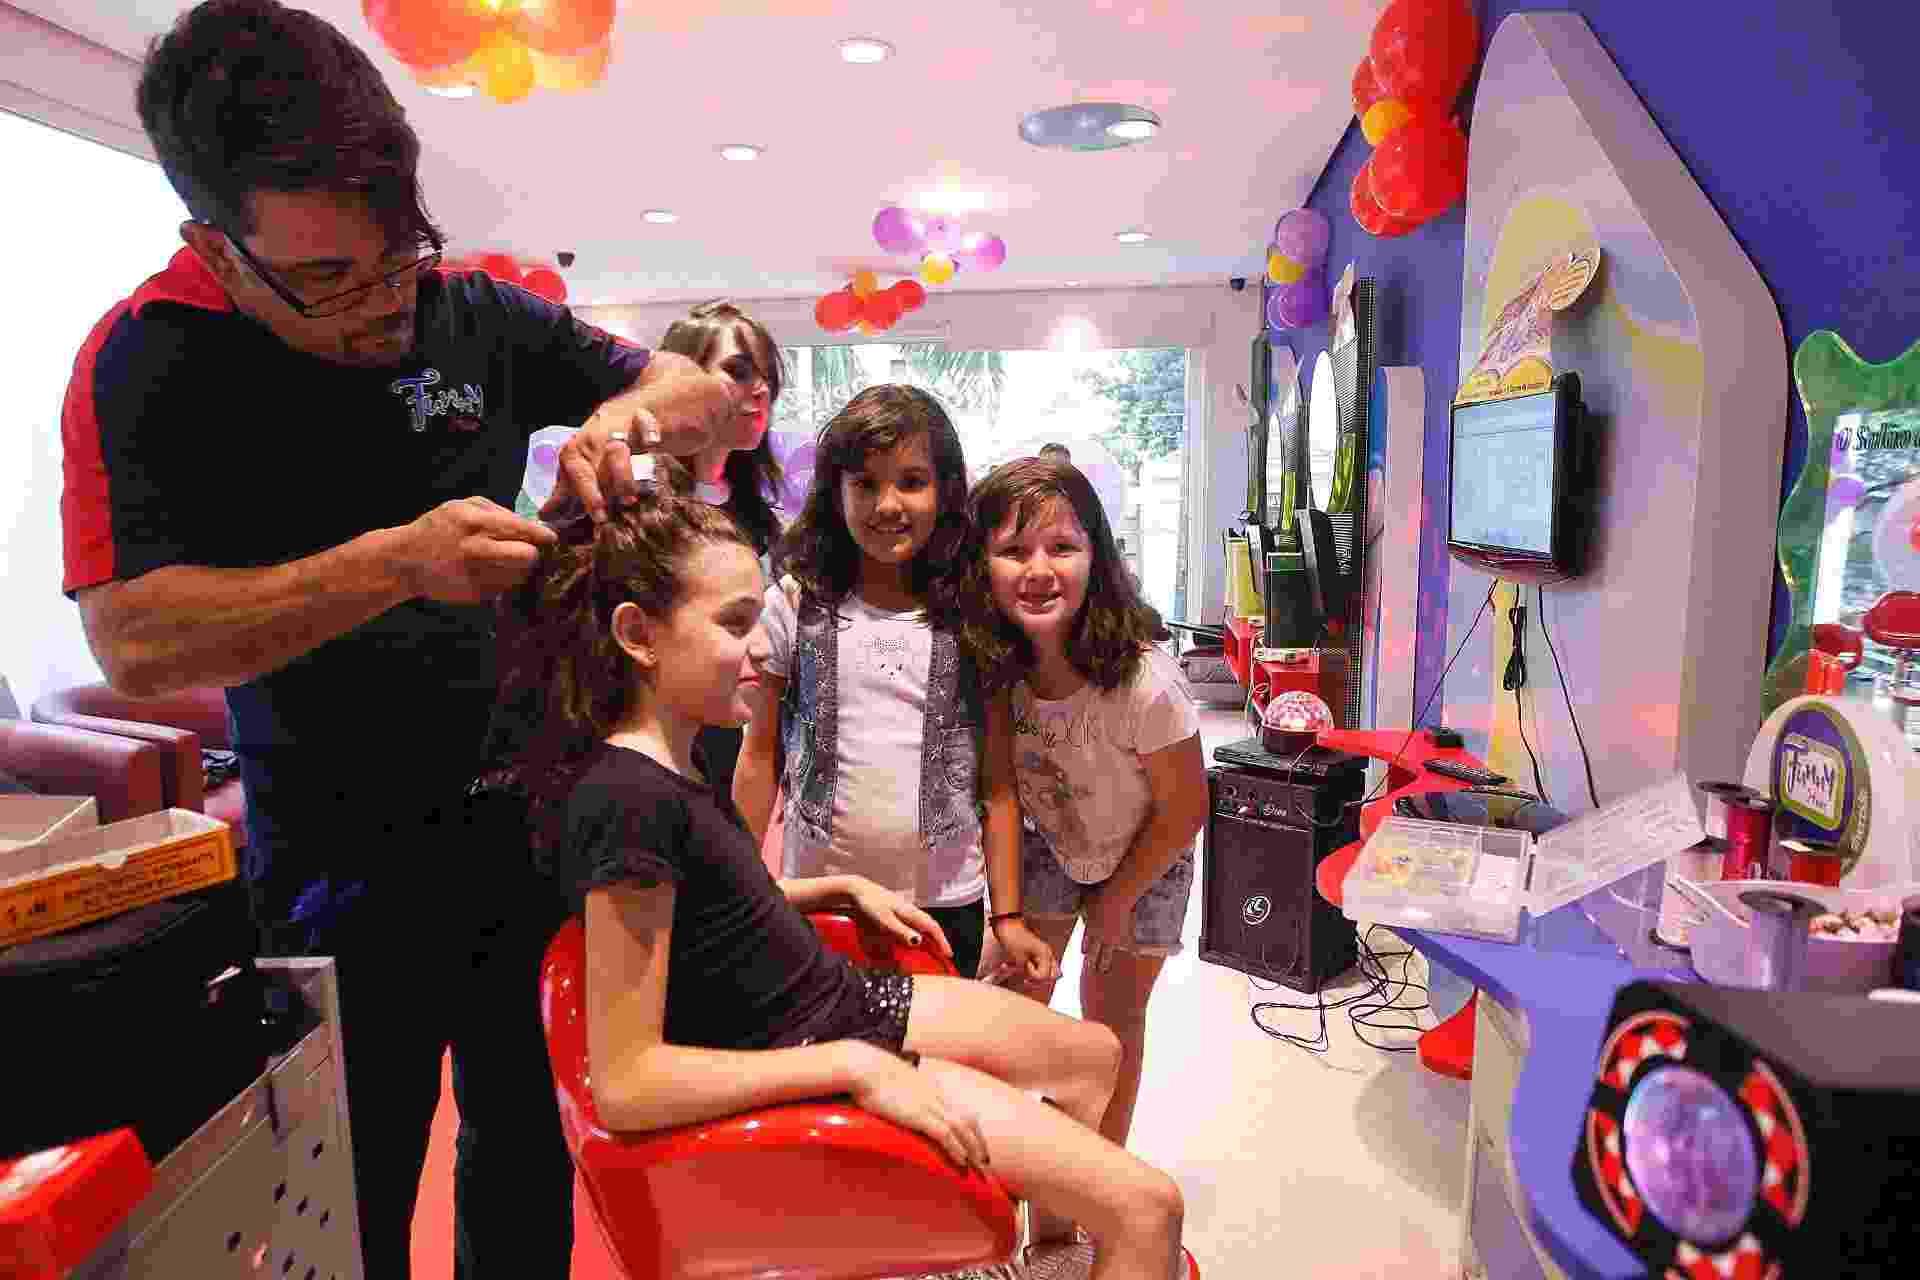 Festa de aniversário de Rebecca Vera Garcia no salão infantil Funny Hair, em Moema. A aniversariante recebeu sete amigas. Elas fizeram cabelo, unha e maquiagem - Reinaldo Canato/UOL